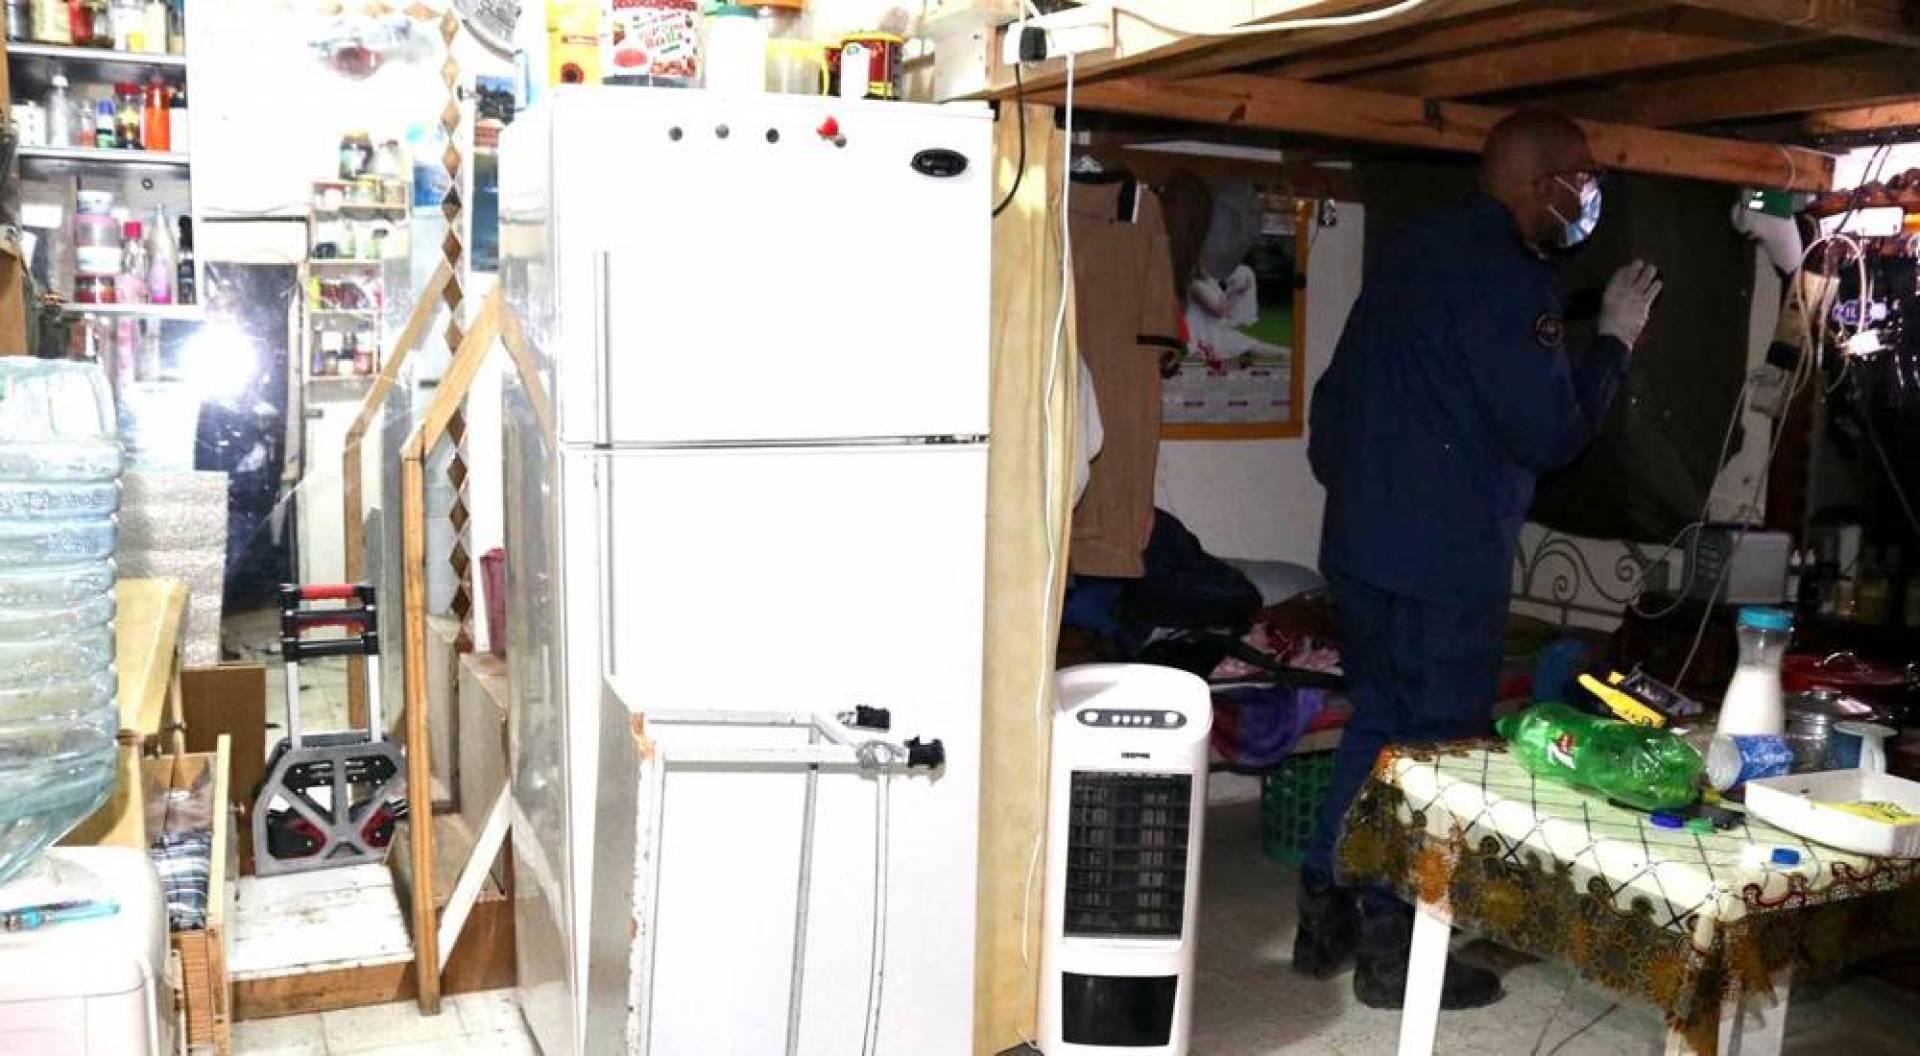 وفاة امرأة وإصابة شخص آخر باختناق شديد في شقة بمنطقة جليب الشيوخ